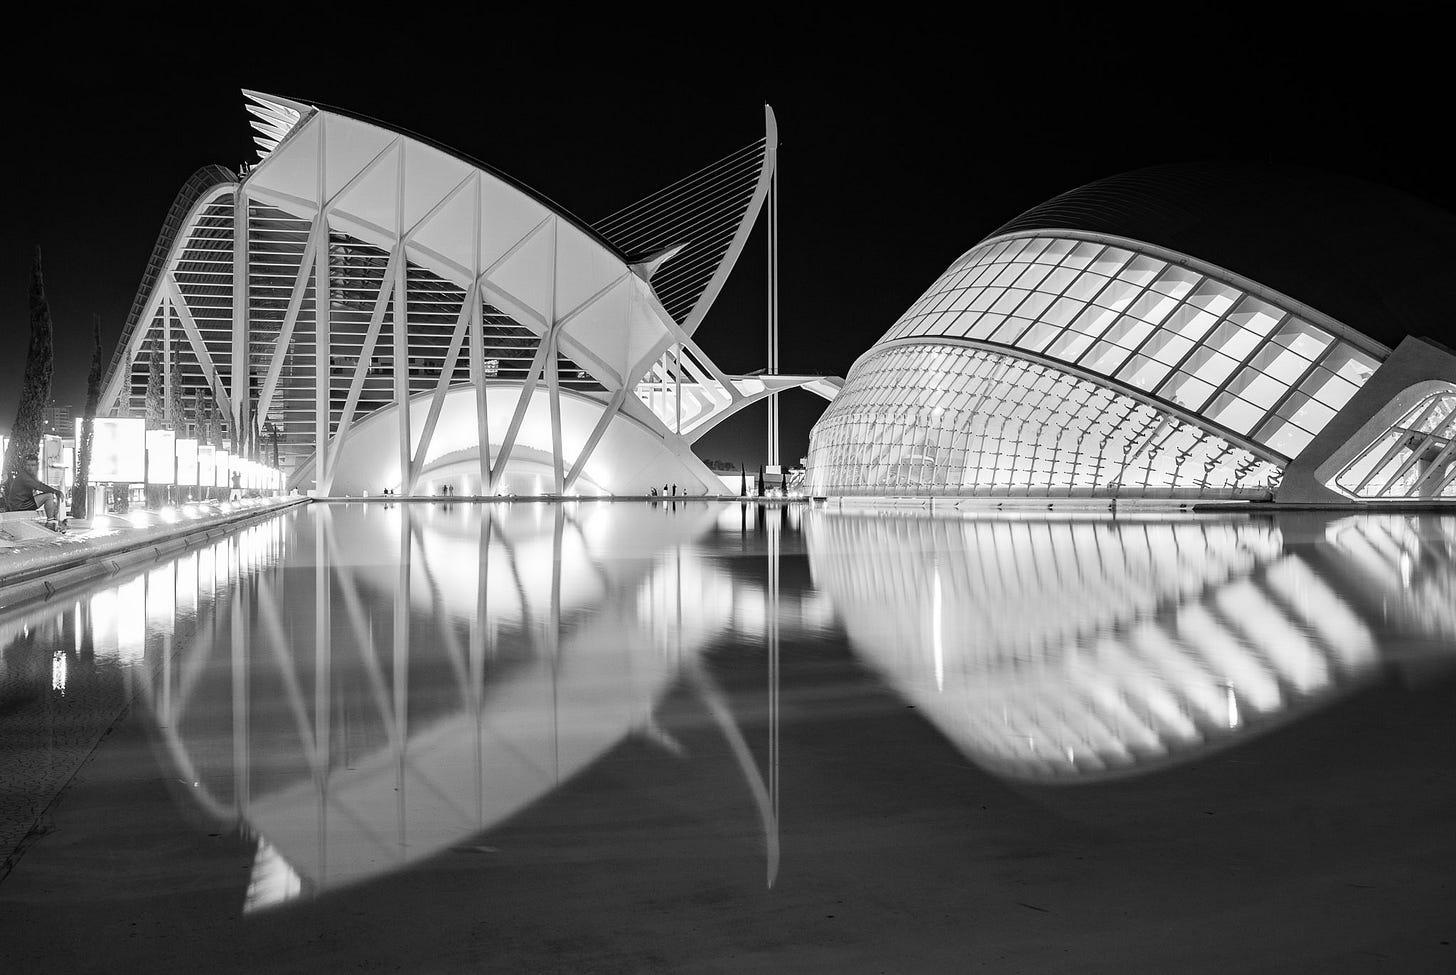 Ciudad de las Artes y las Ciencias - Valencia-DSC_2642-pete-carr-pete-carr.jpg